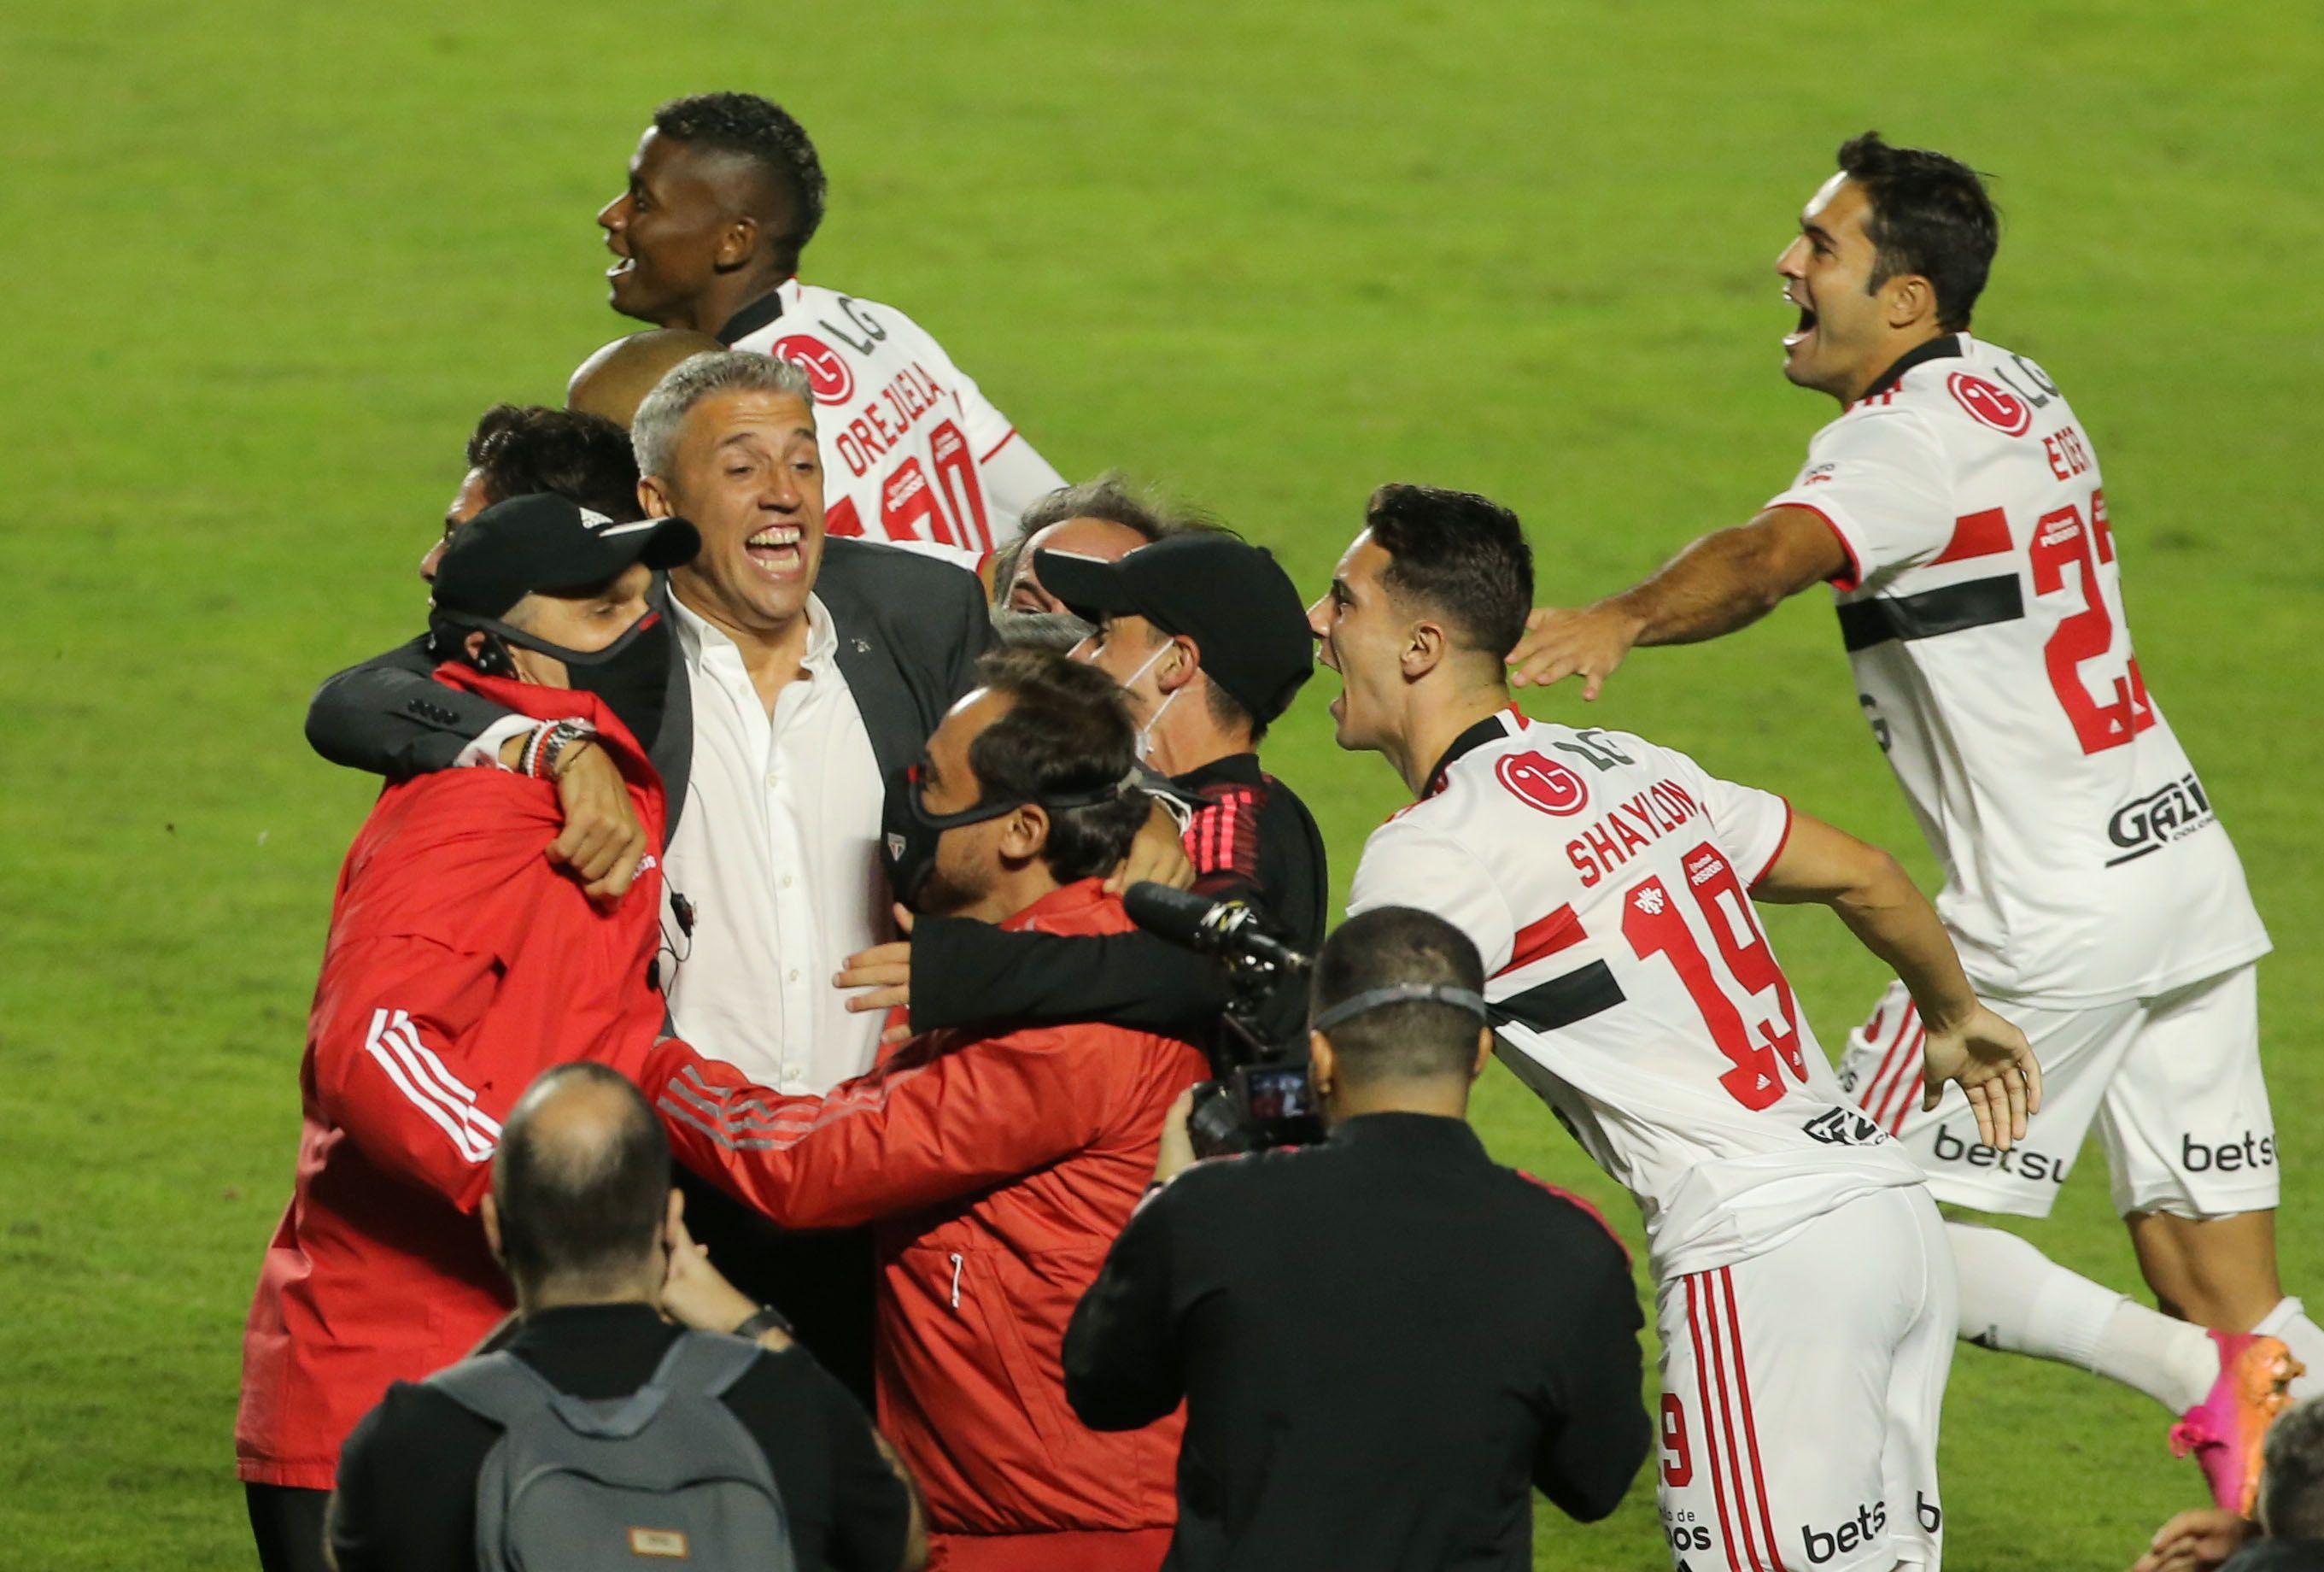 Crespo consiguió su segundo título como entrenador, el anterior había sido la Copa Sudamericana con Defensa y Justicia (Reuters)